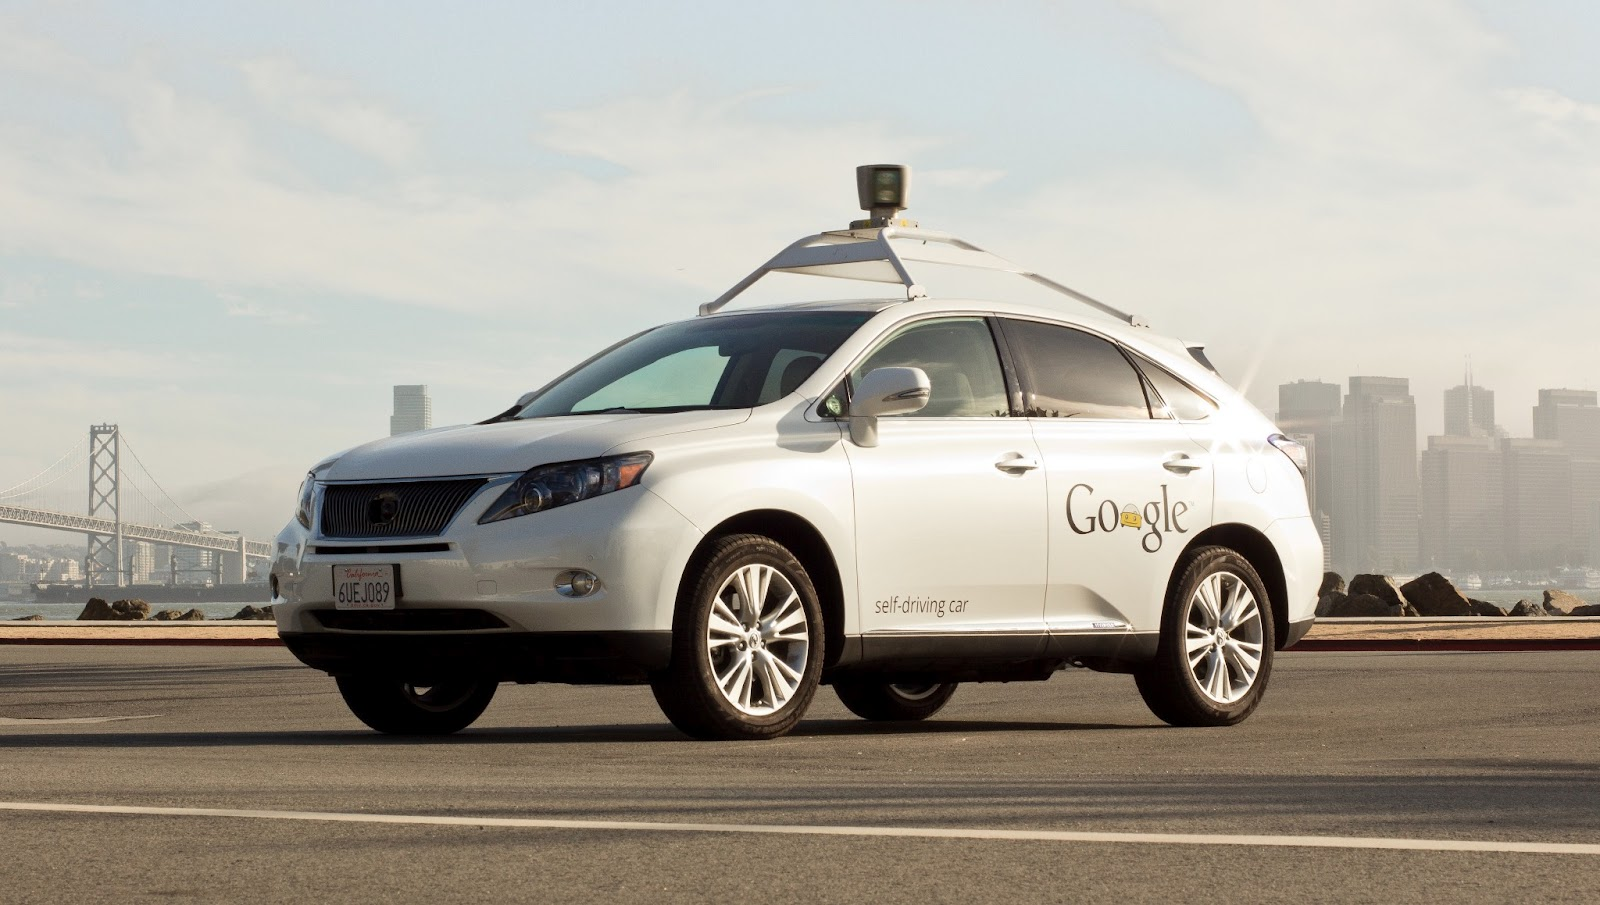 Благодаря исследованиям Google самоуправляемые автомобили войдут в обыденную жизнь уже скоро